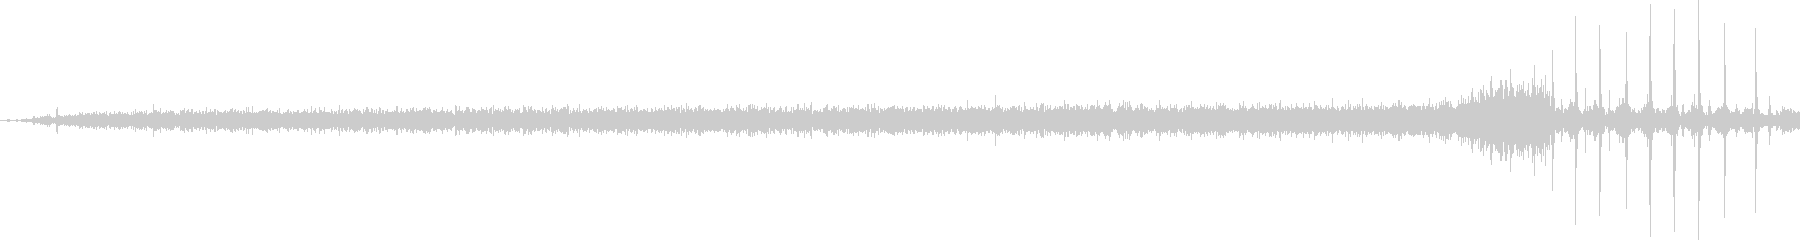 コードレスハンドドリル:ネジを挿入...の未再生の波形